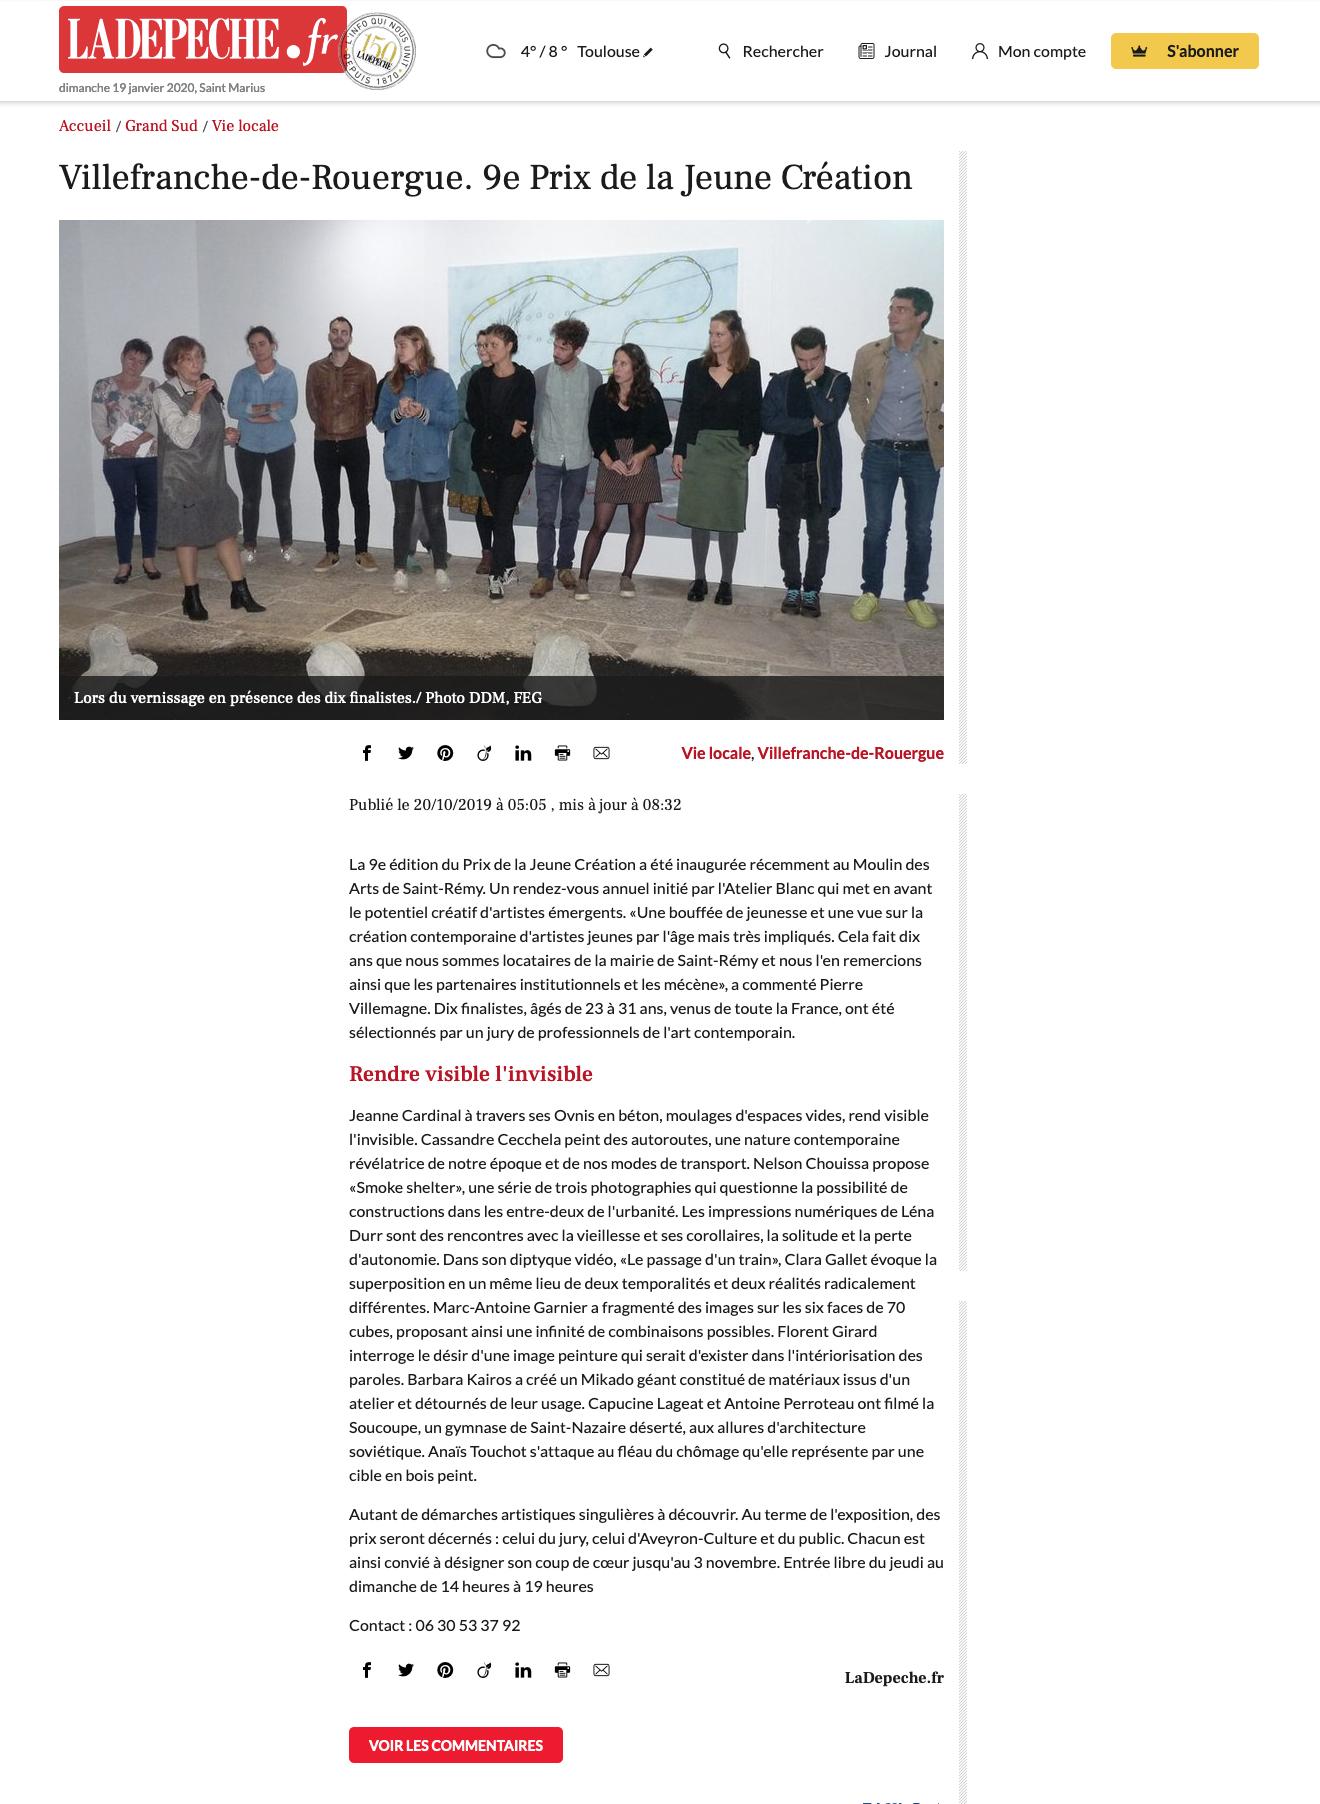 Article Presse - Jeanne Cardinal